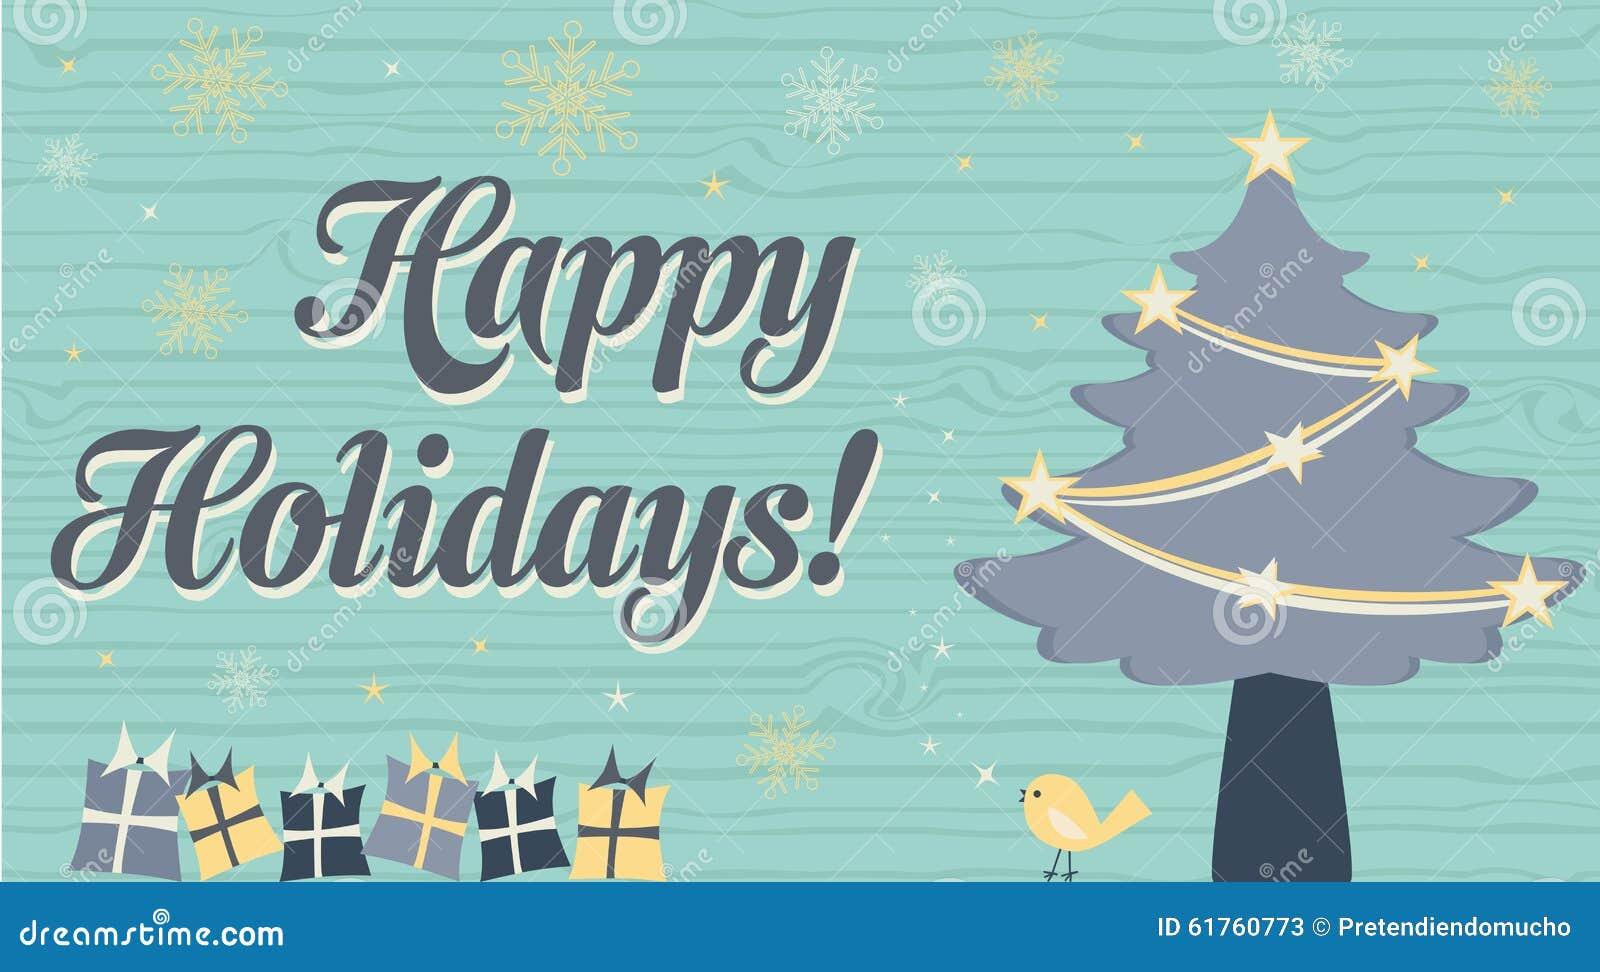 όμορφος eps Χριστουγέννων καρτών 8 τρύγος δέντρων αρχείων συμπεριλαμβανόμενος απεικόνιση